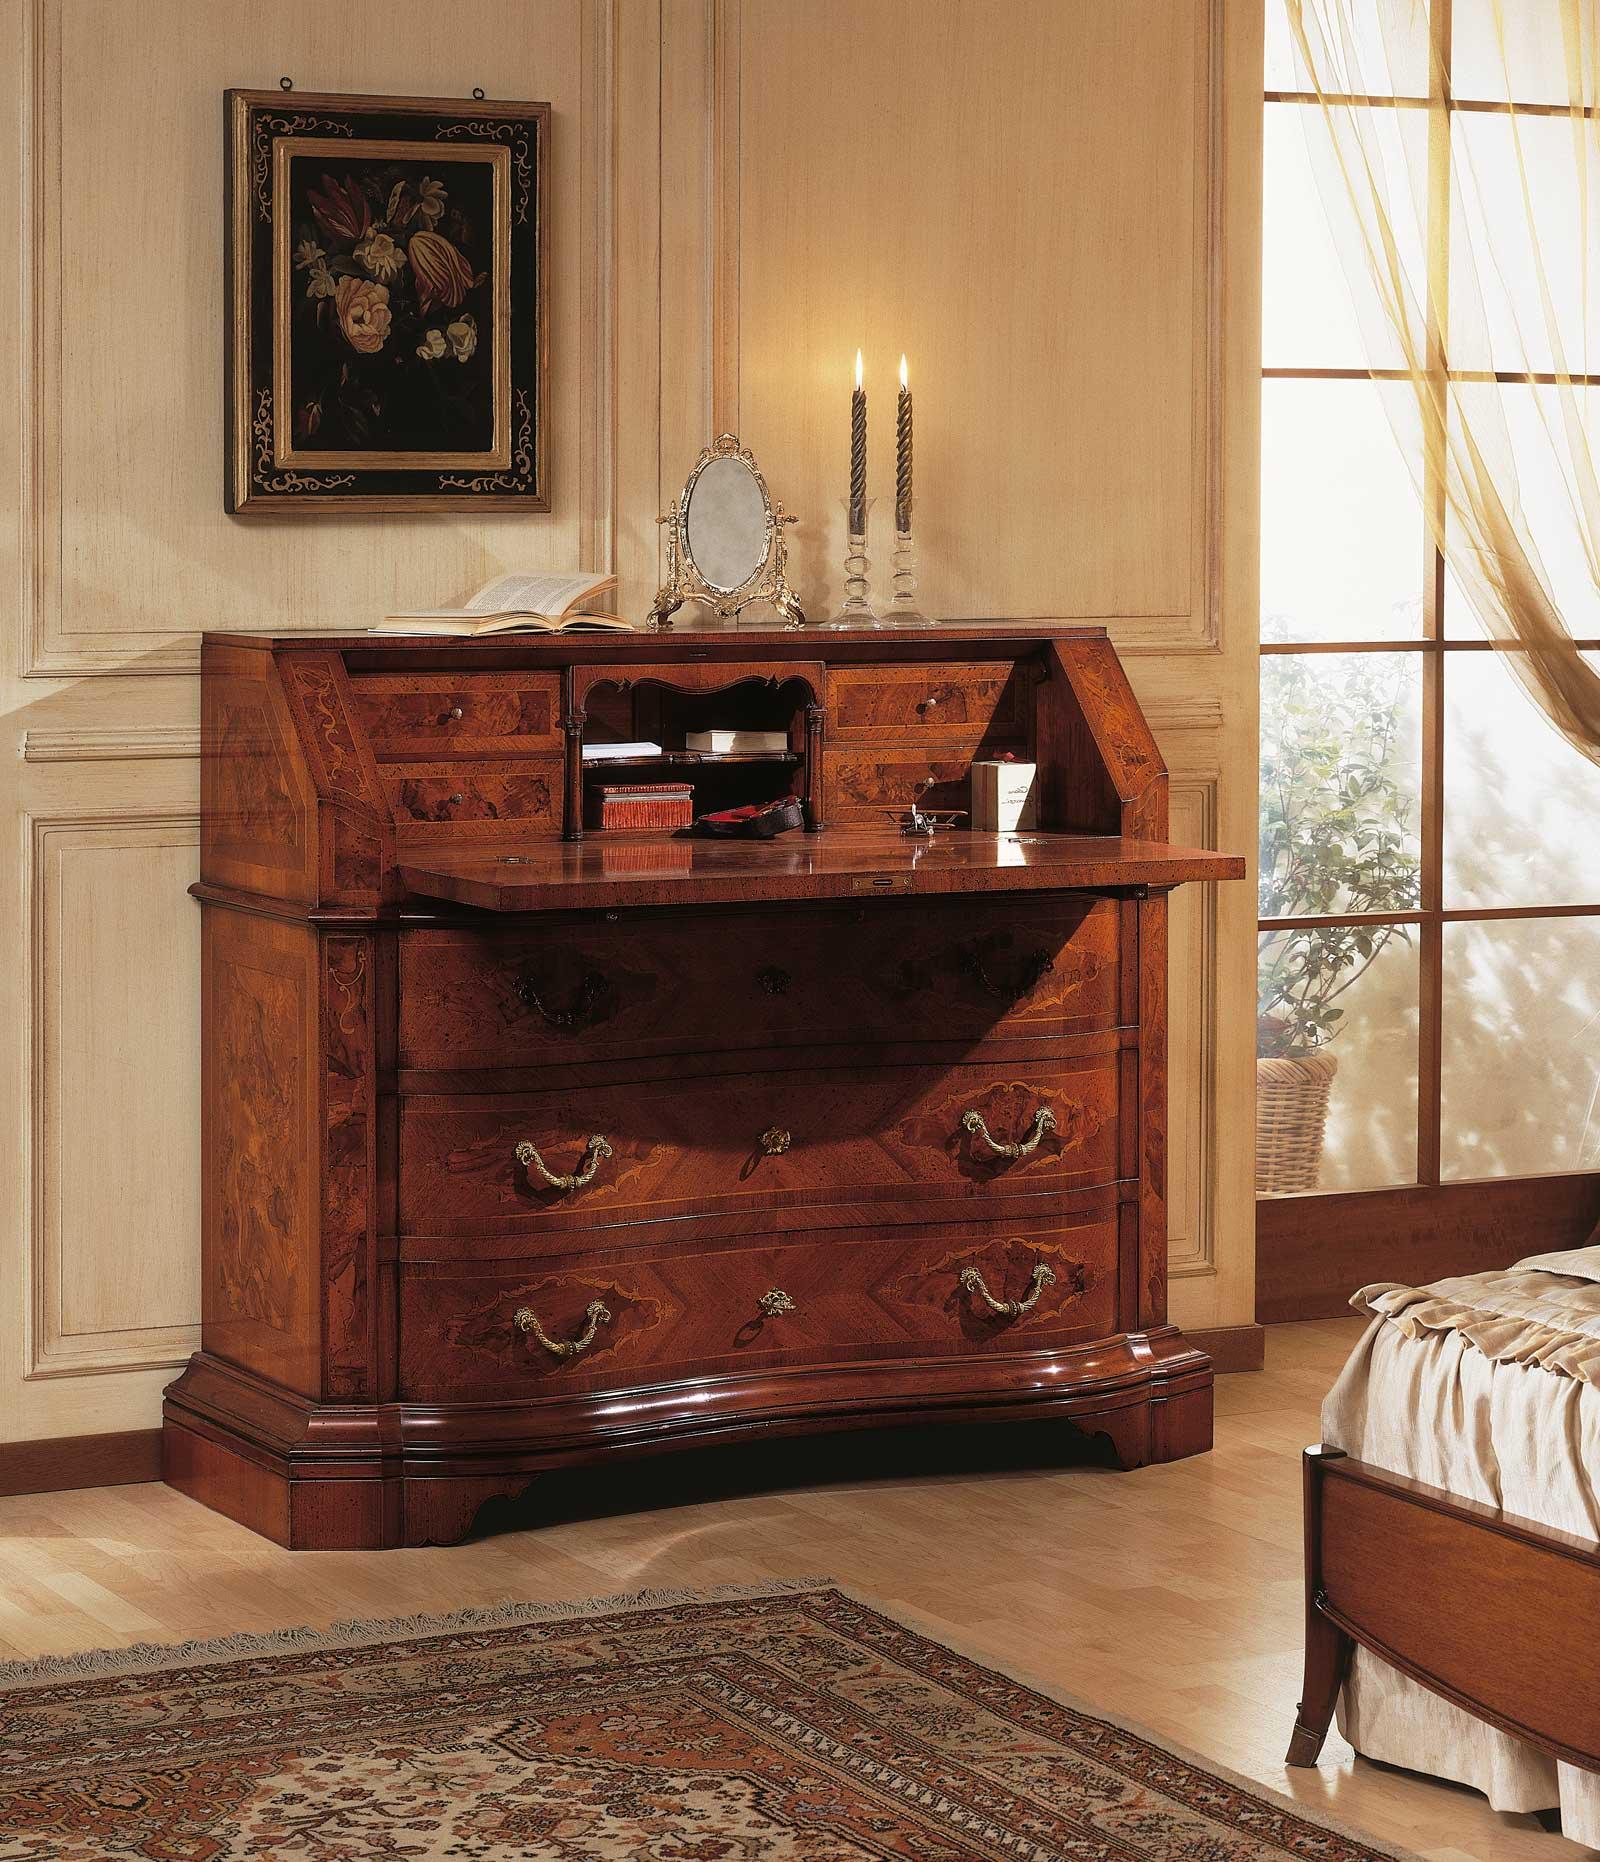 Collezione mobili classici 700 lombardo trumeau in legno di noce vimercati meda - Mobili classici in legno ...